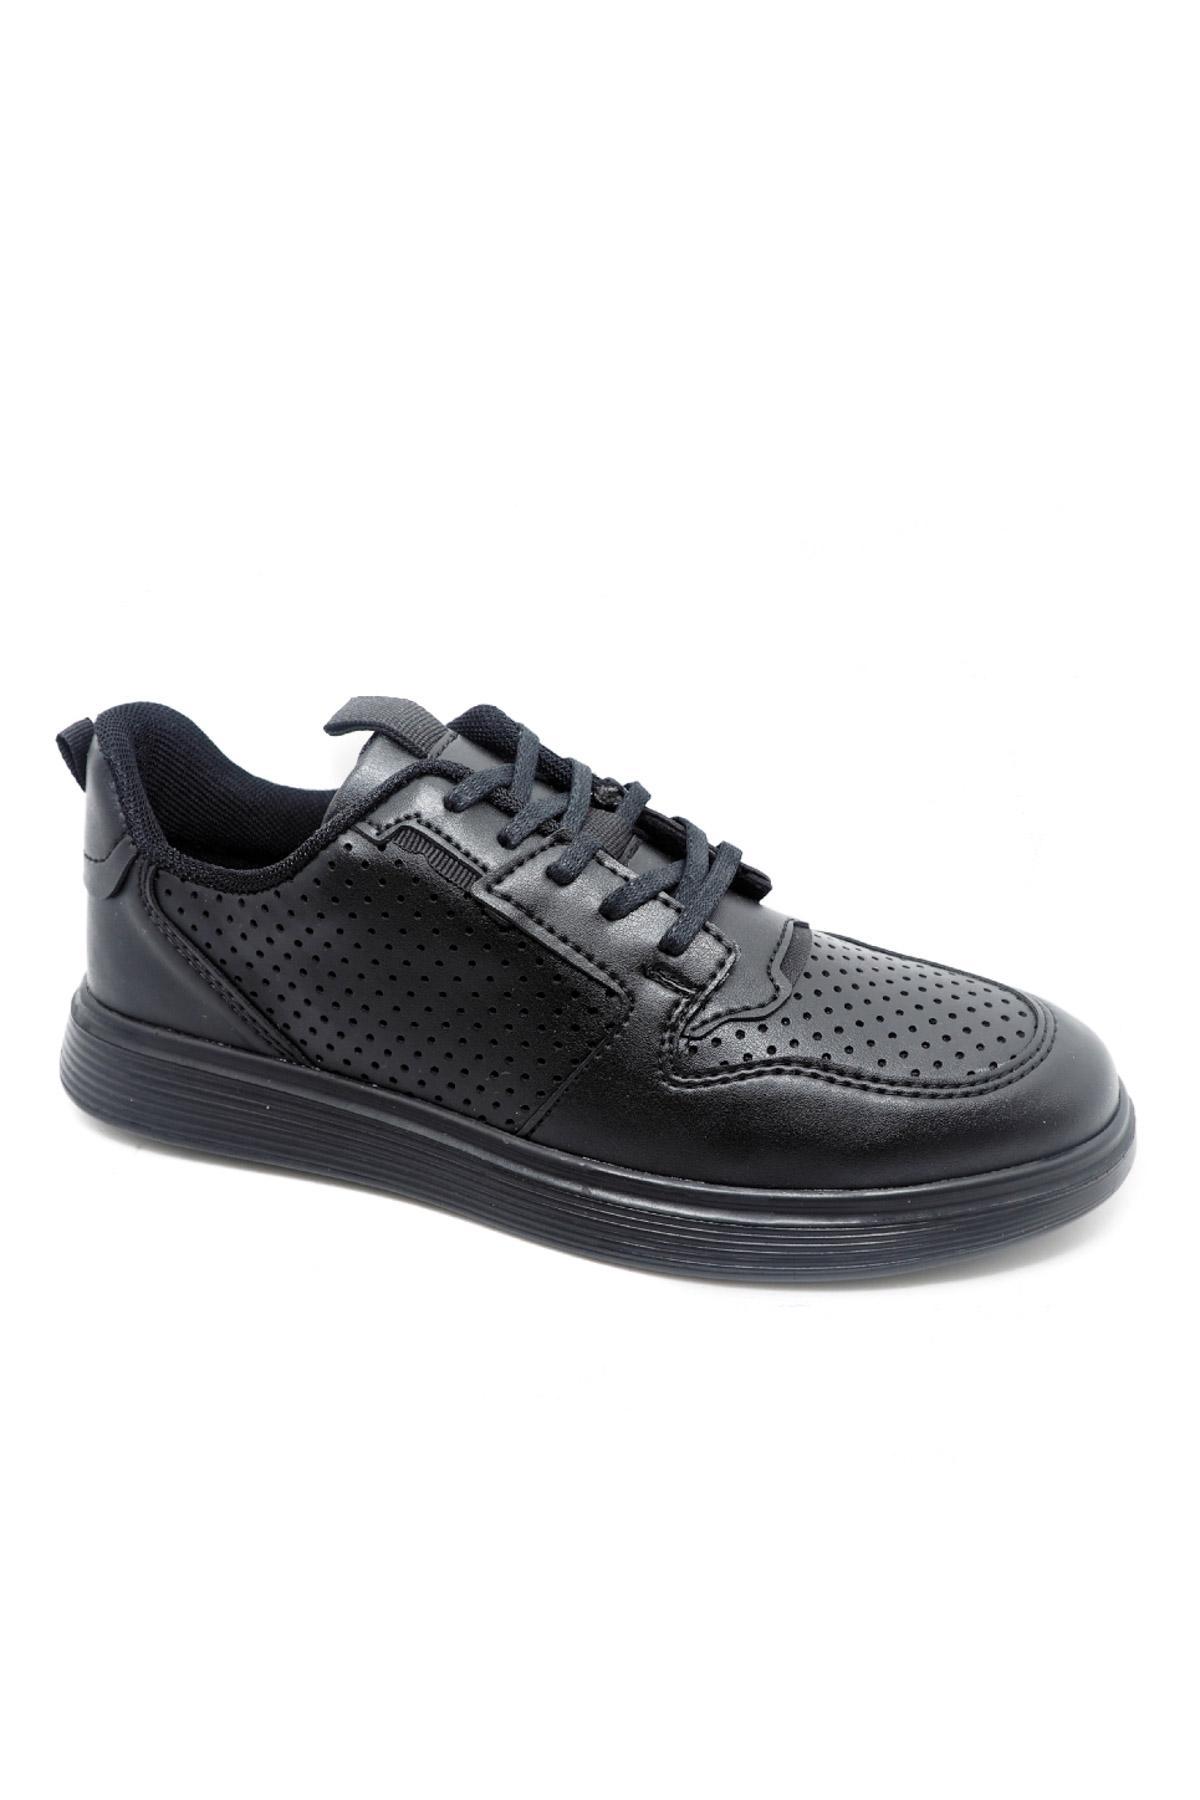 Baskets Chaussures Noir/noir Galax 948-04 #c Efashion Paris